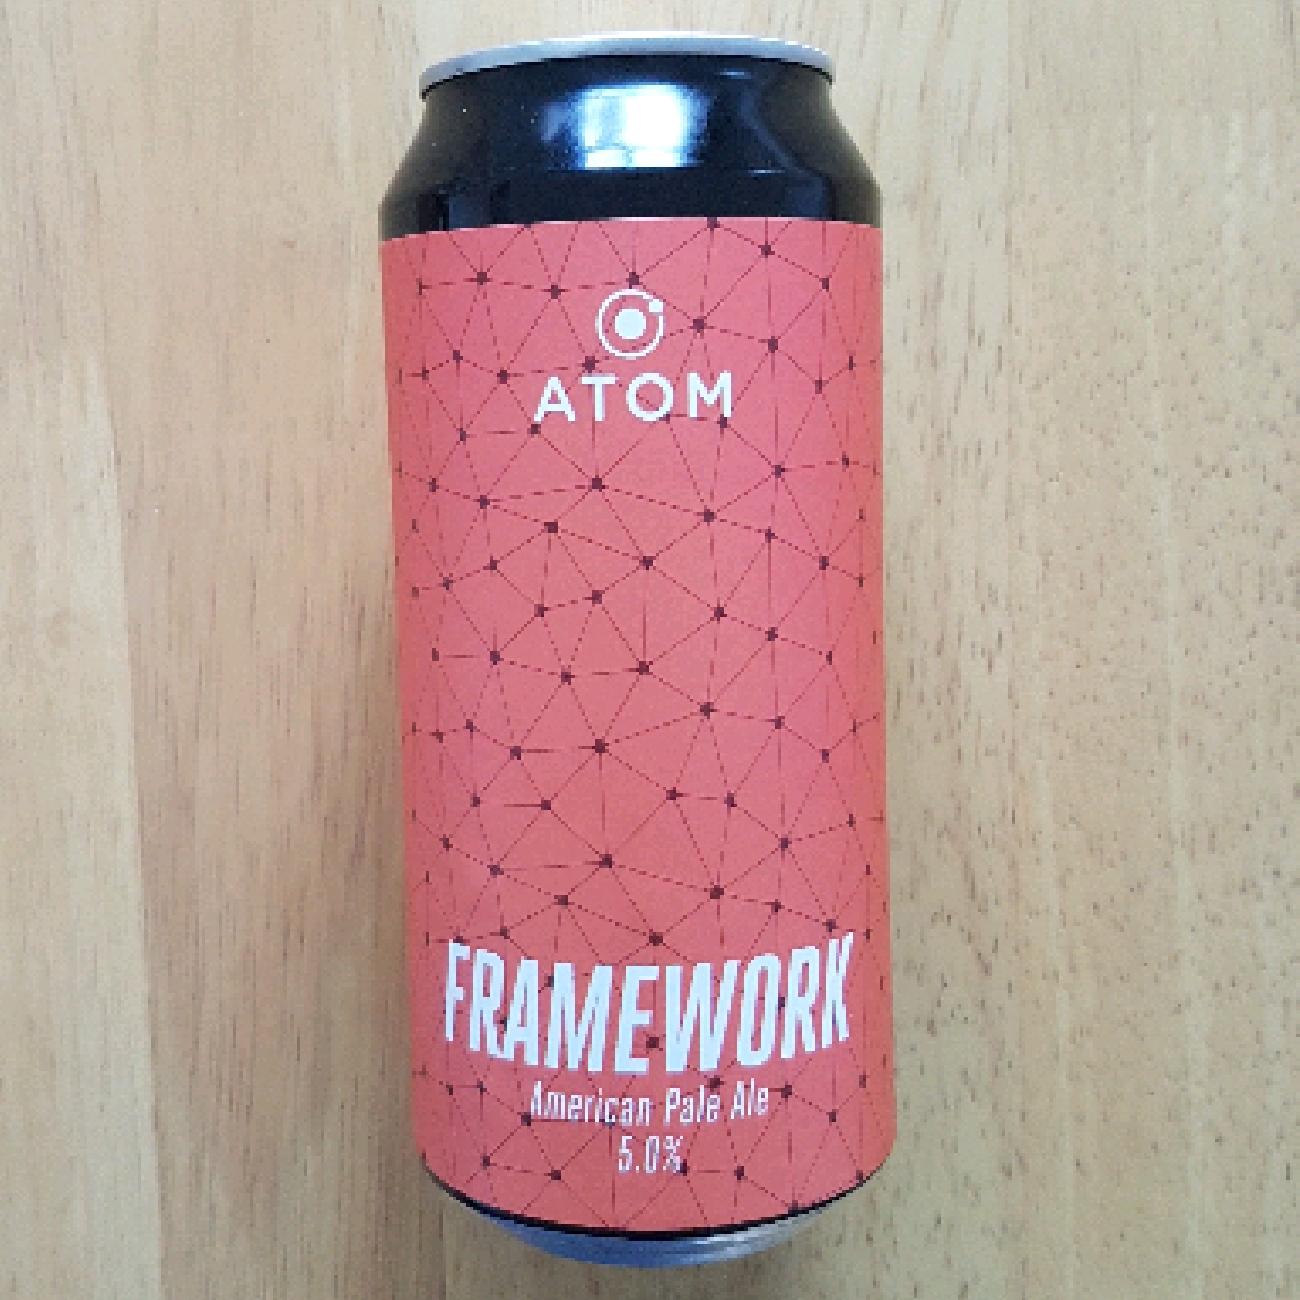 Atom Framework